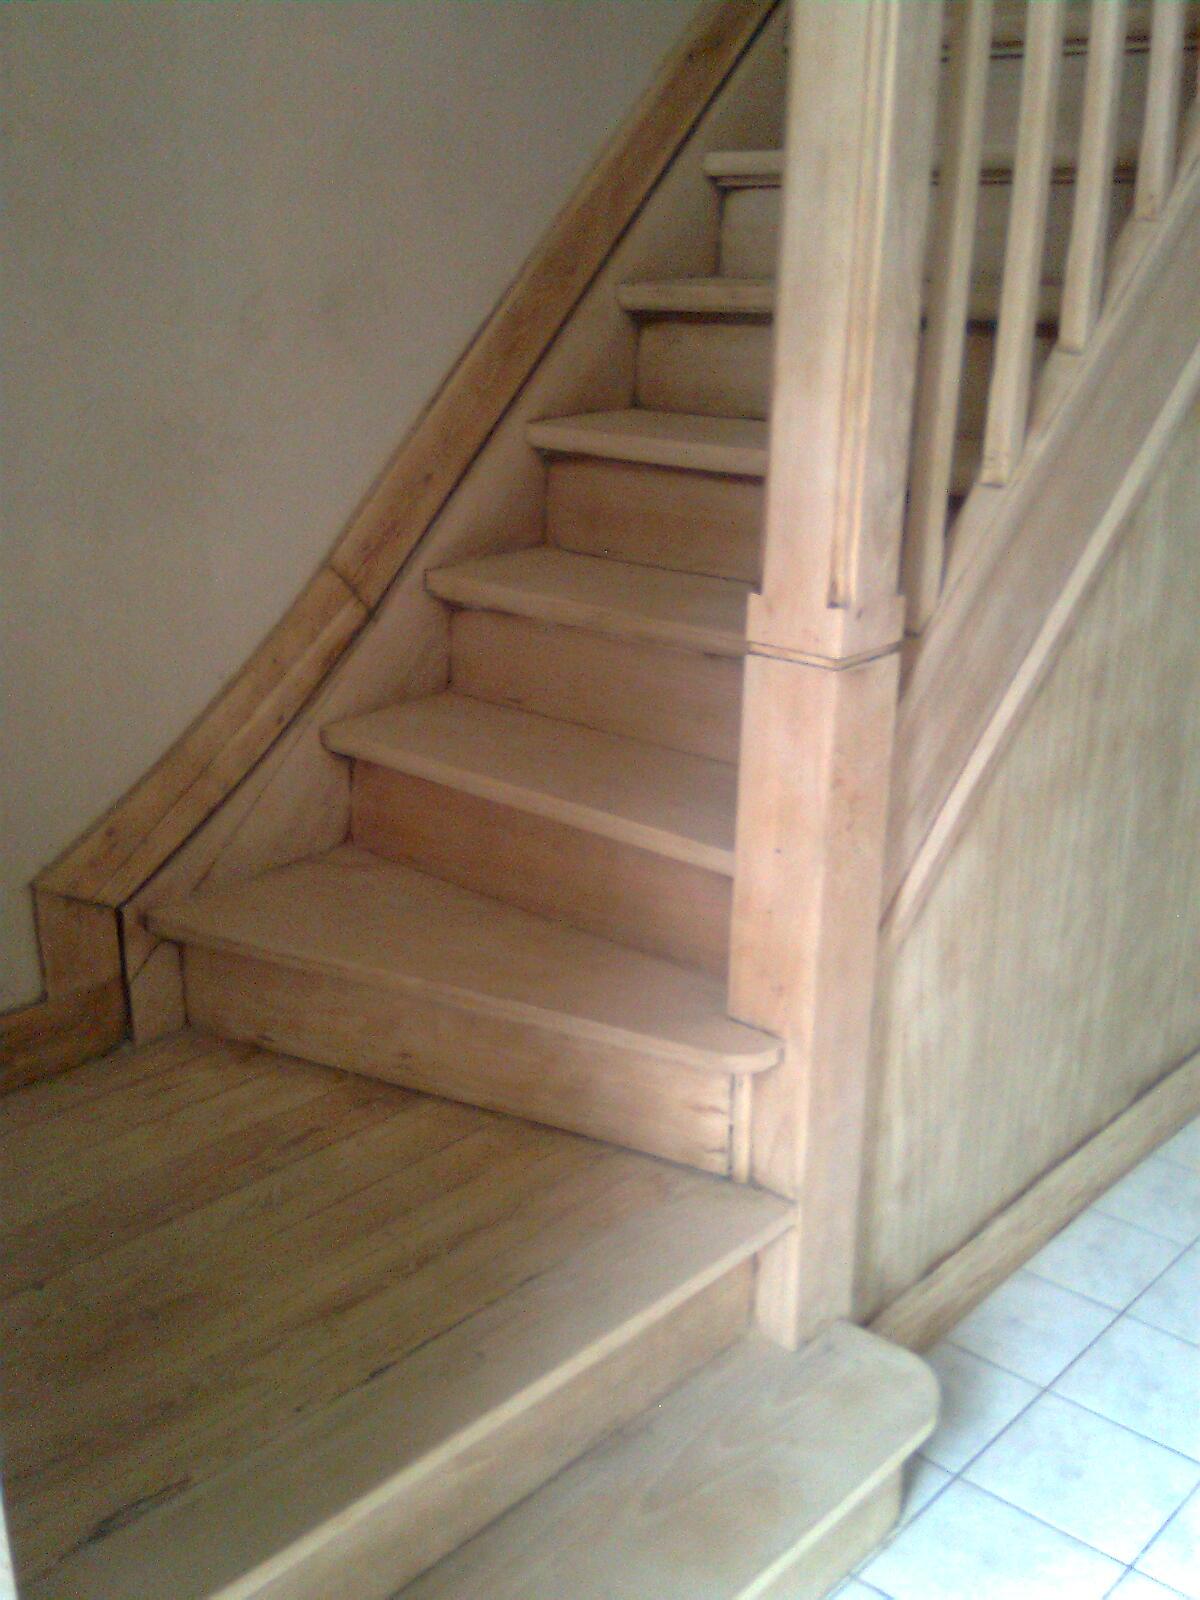 Poncage Escalier En Bois poncage et finition d'escalier - bricolage - forum vie pratique